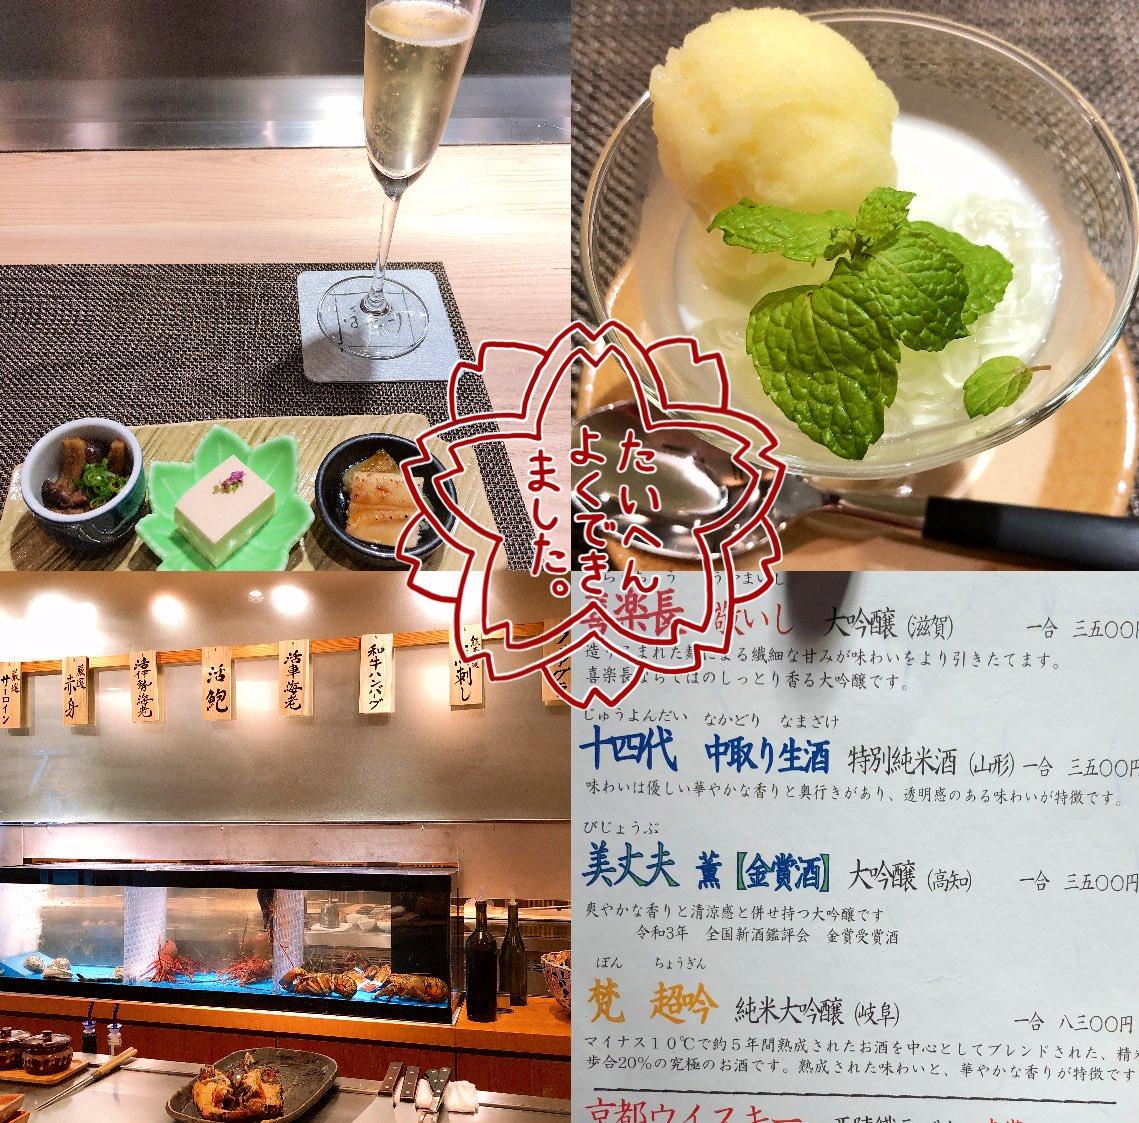 test ツイッターメディア - 料理長さんおすすめの🍶梵超吟美味しかった✨綺麗な日本酒☺️十四代と飲み比べとか贅沢すぎた🙊 https://t.co/RMnPw4yuFU